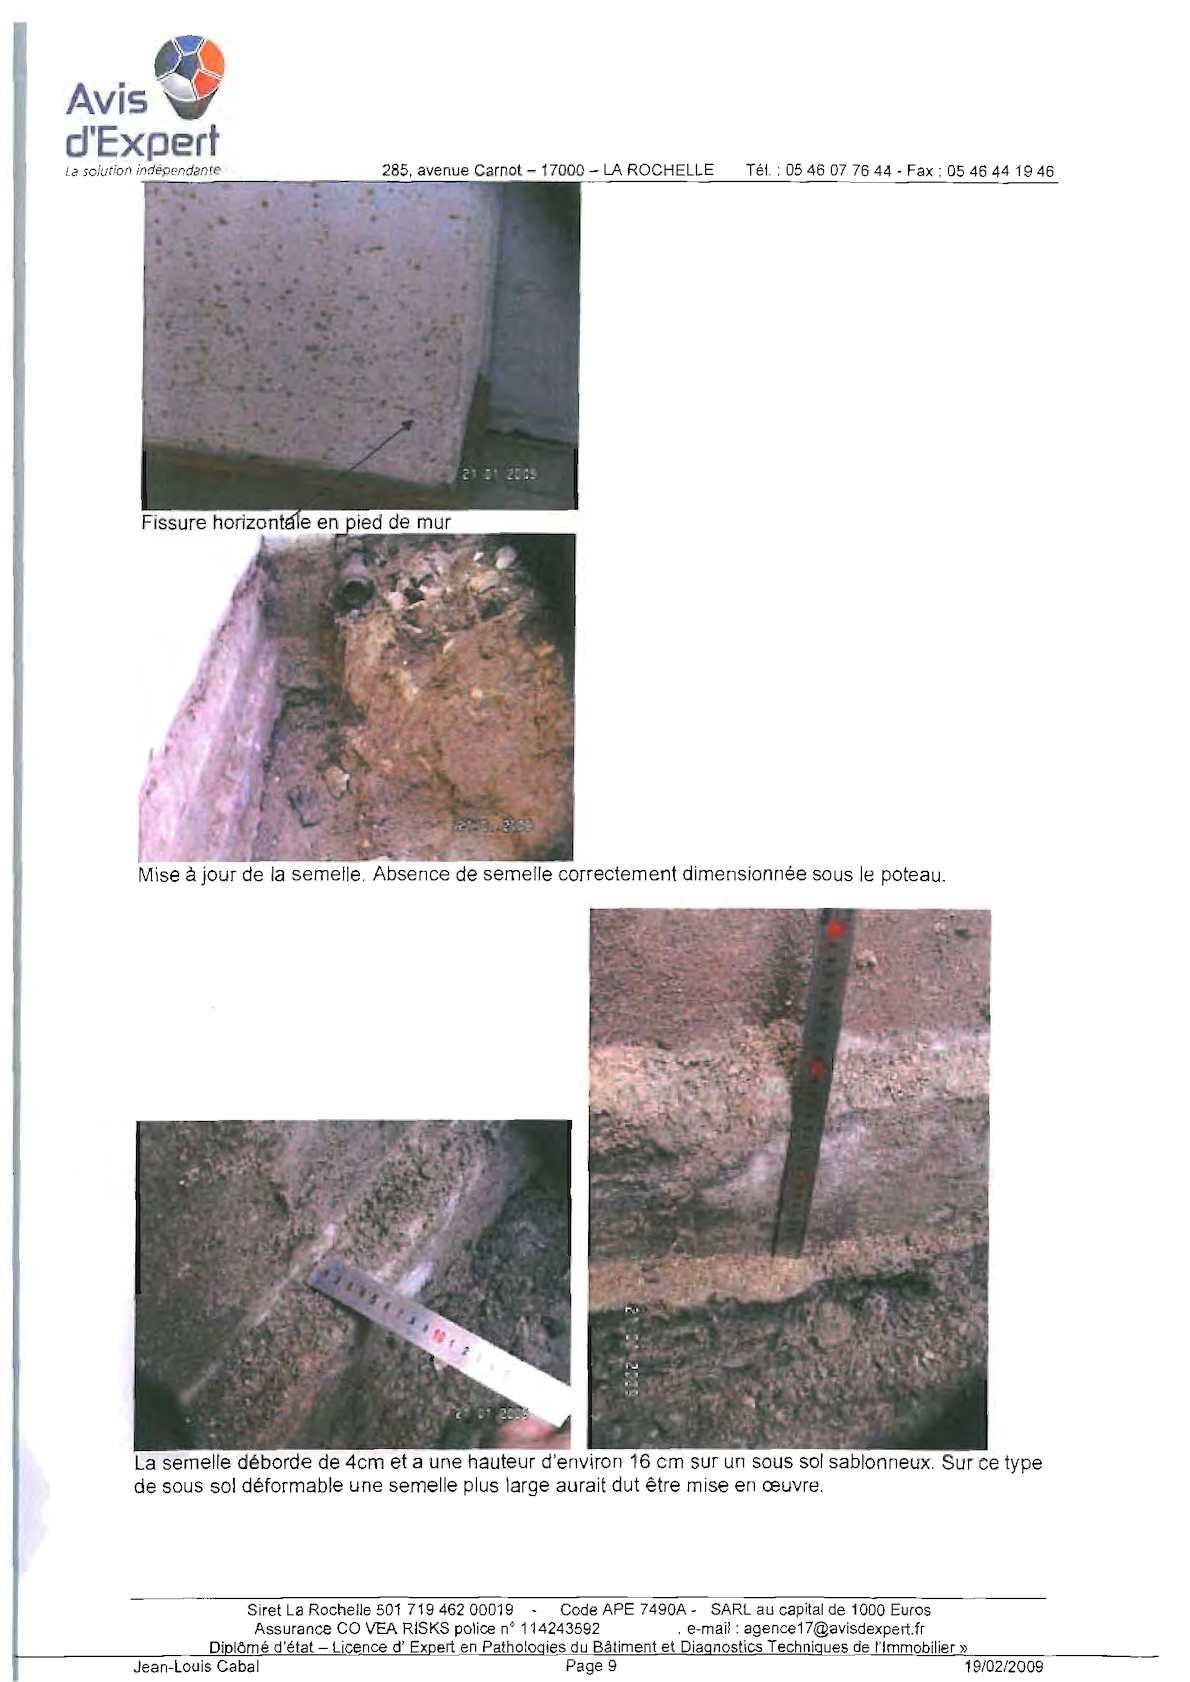 Des Sols Et Des Murs Avis rapport d'expertise batimant - calameo downloader